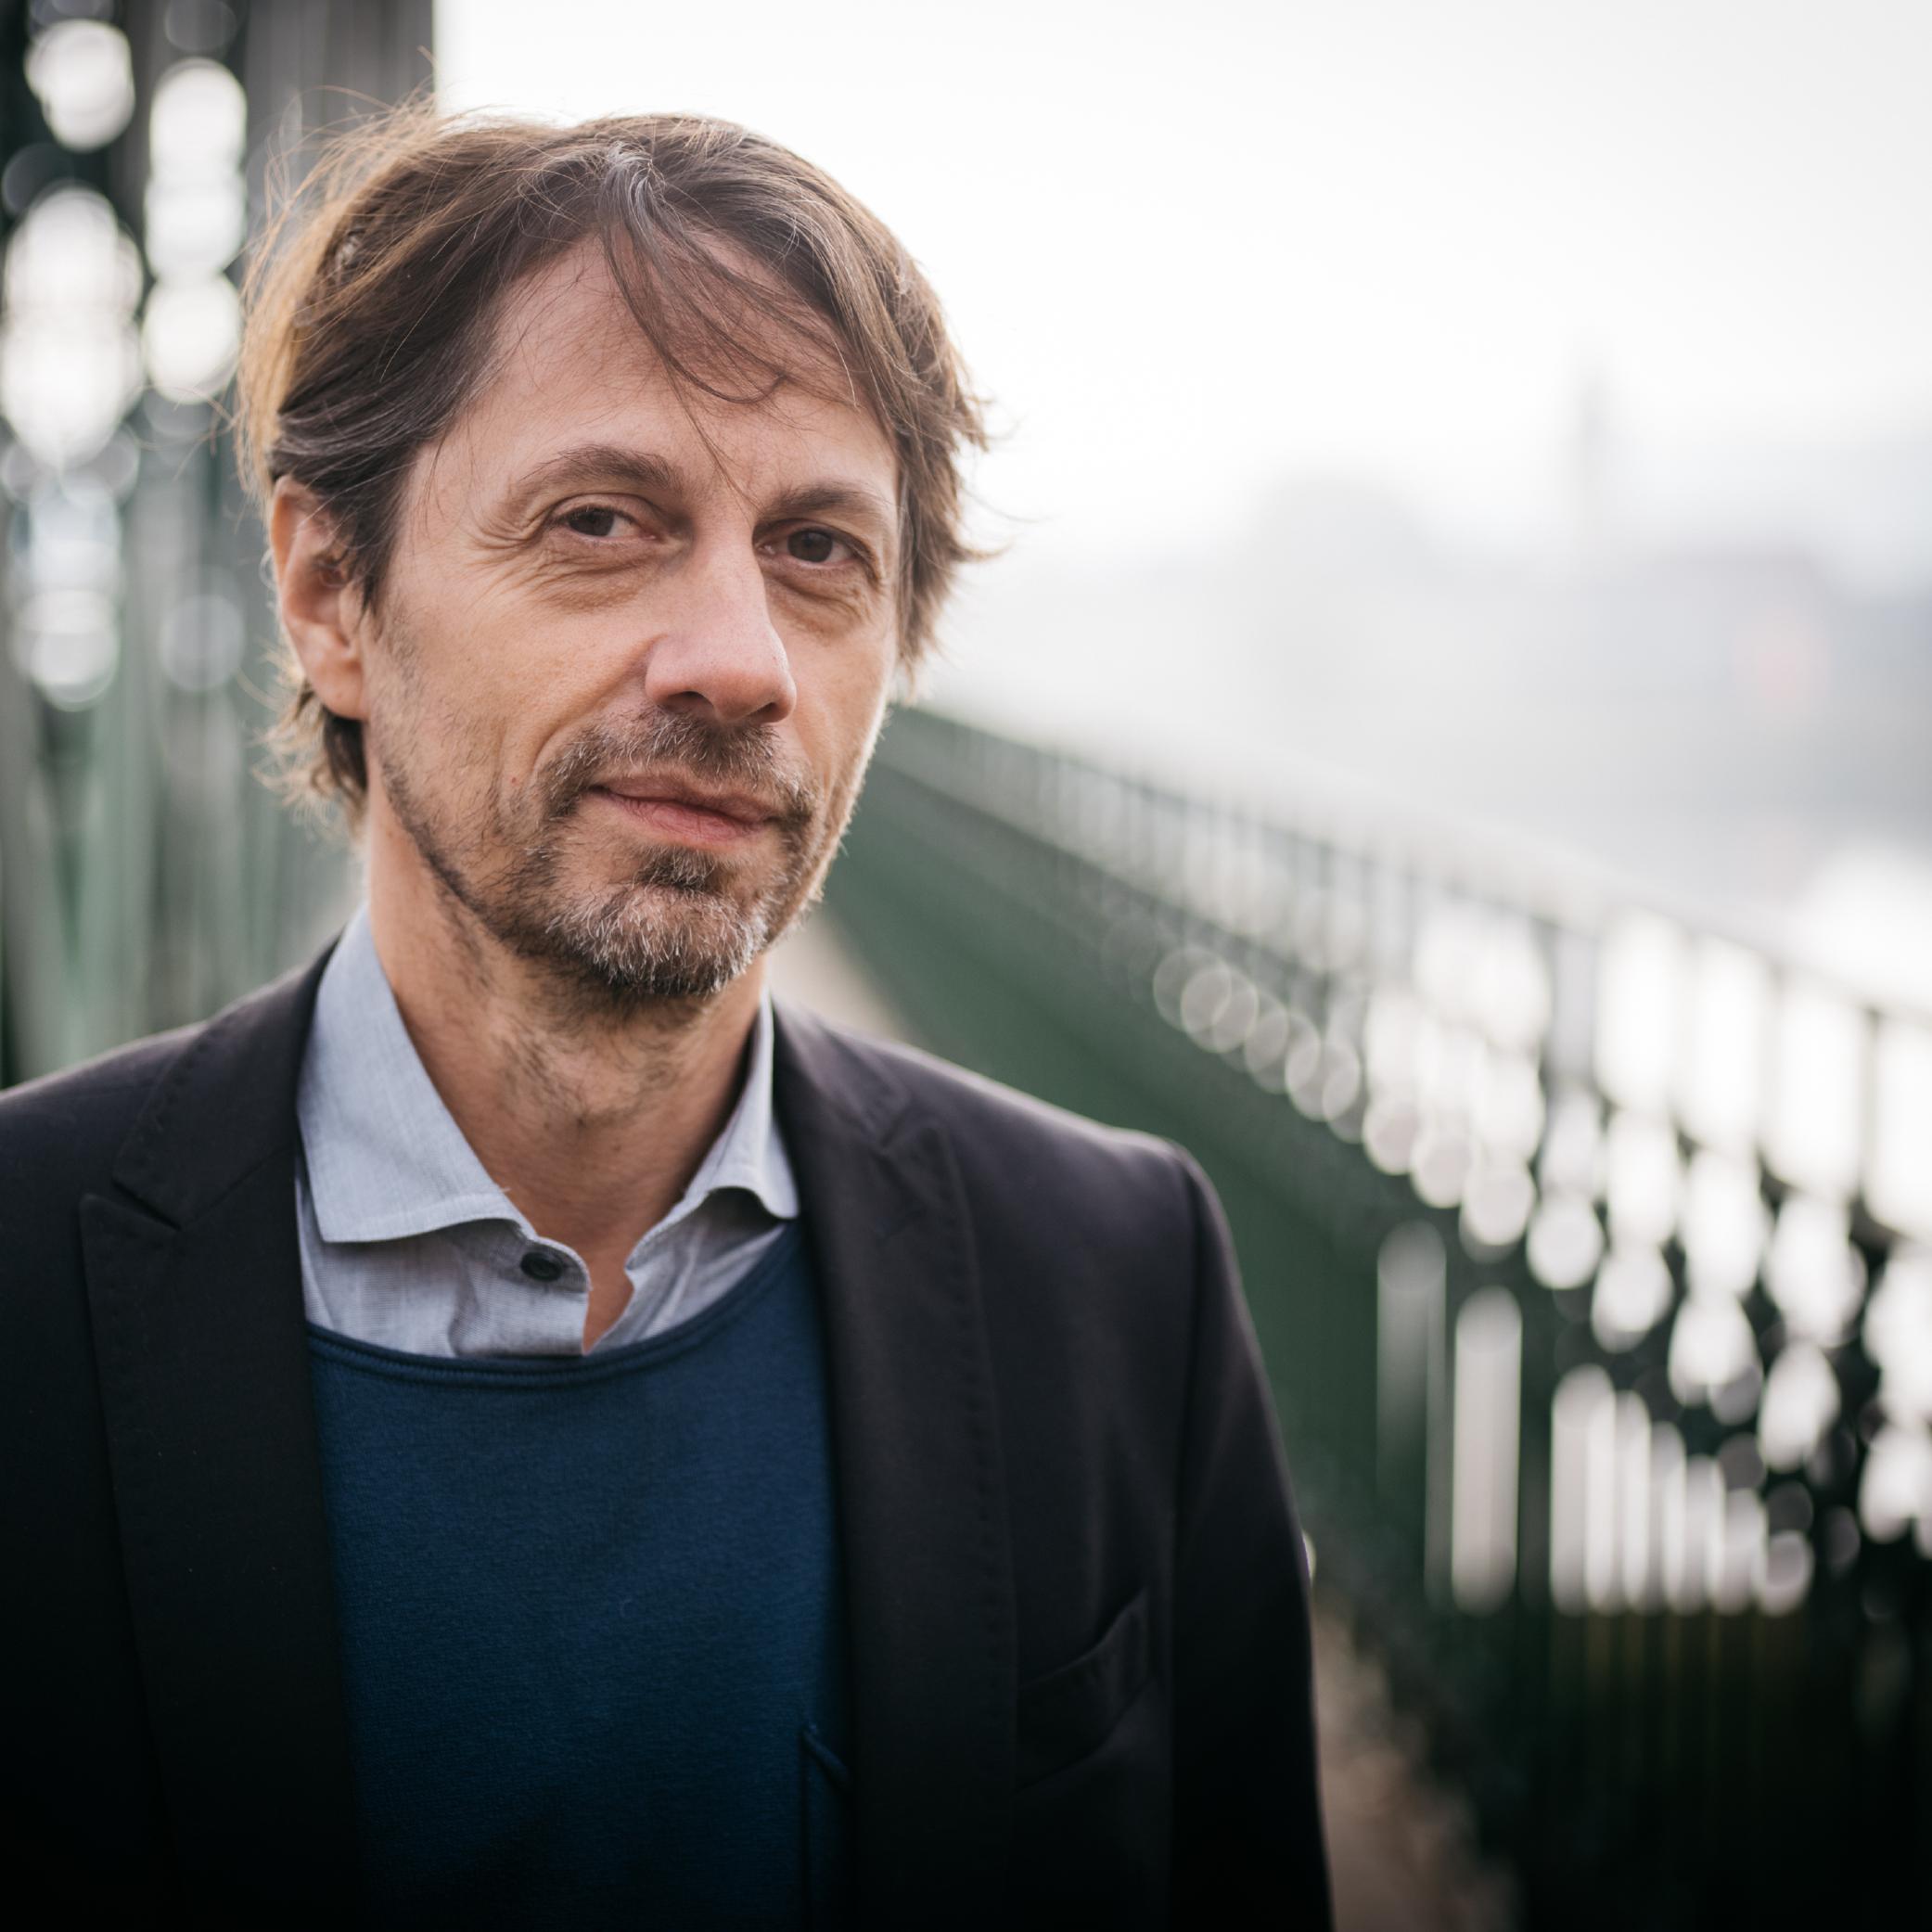 Thomas Edlinger © Ingo Pertramer